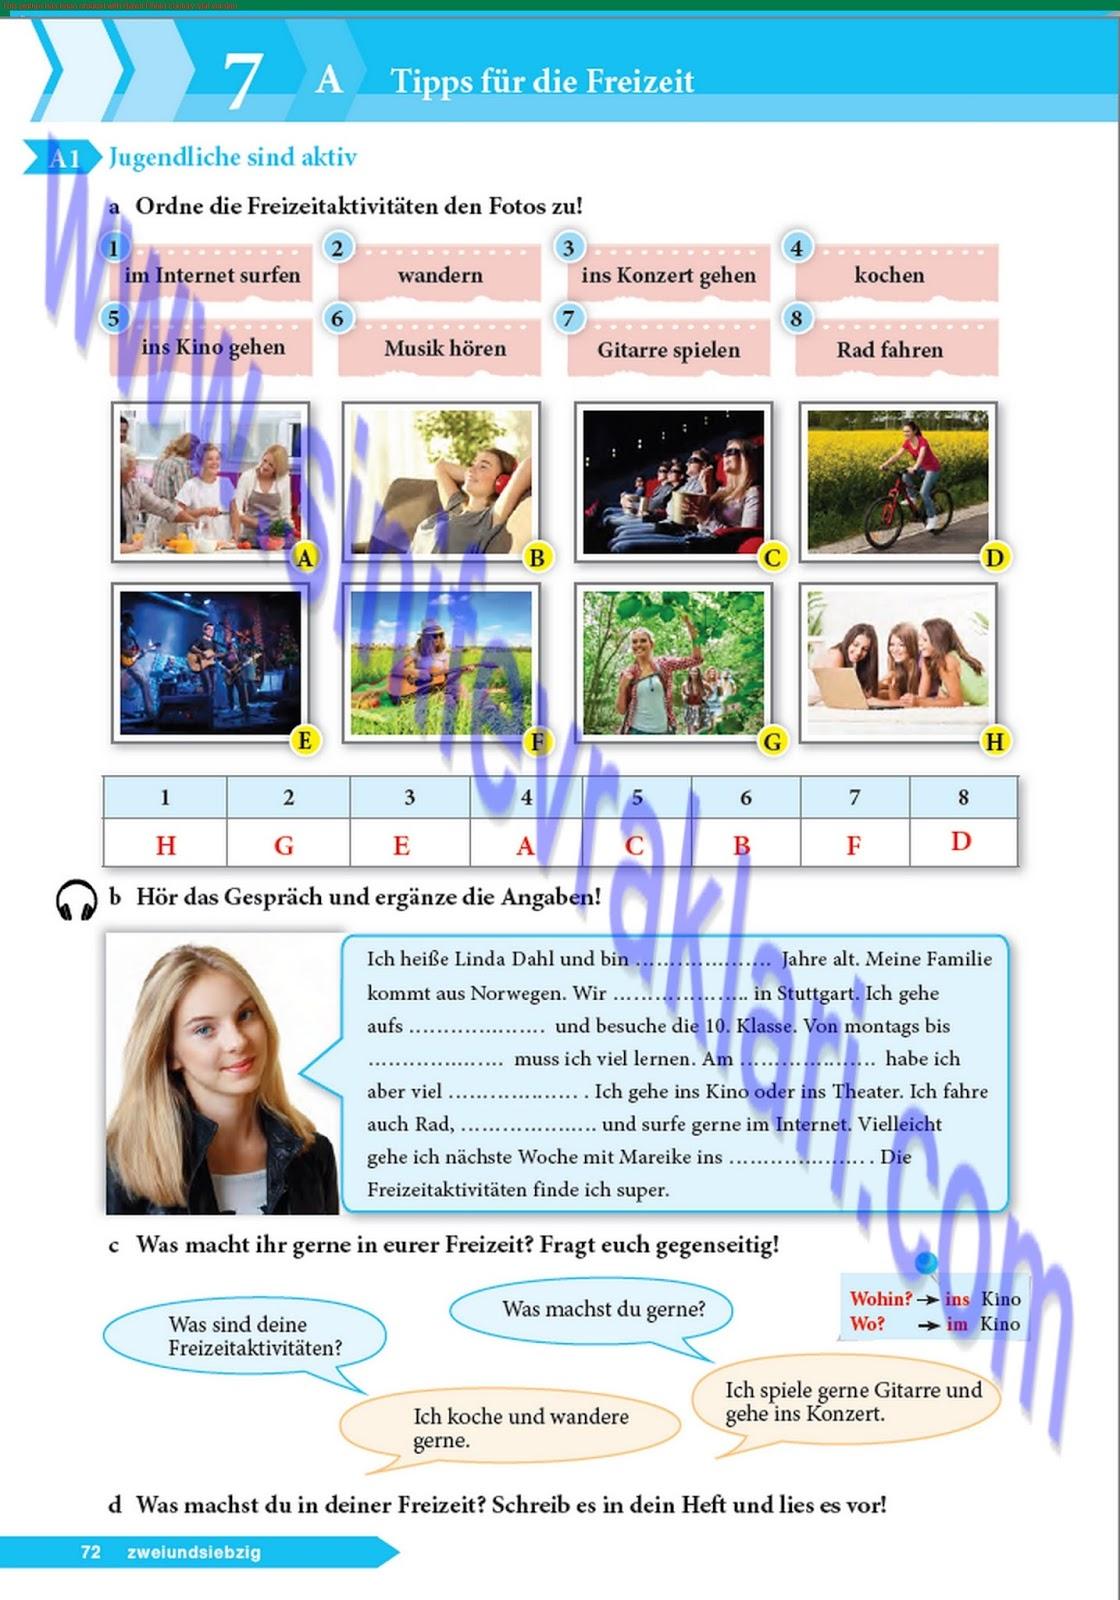 9 Sınıf Almanca A11 Ders Kitabı Cevapları Sayfa 72 Ders Kitabı